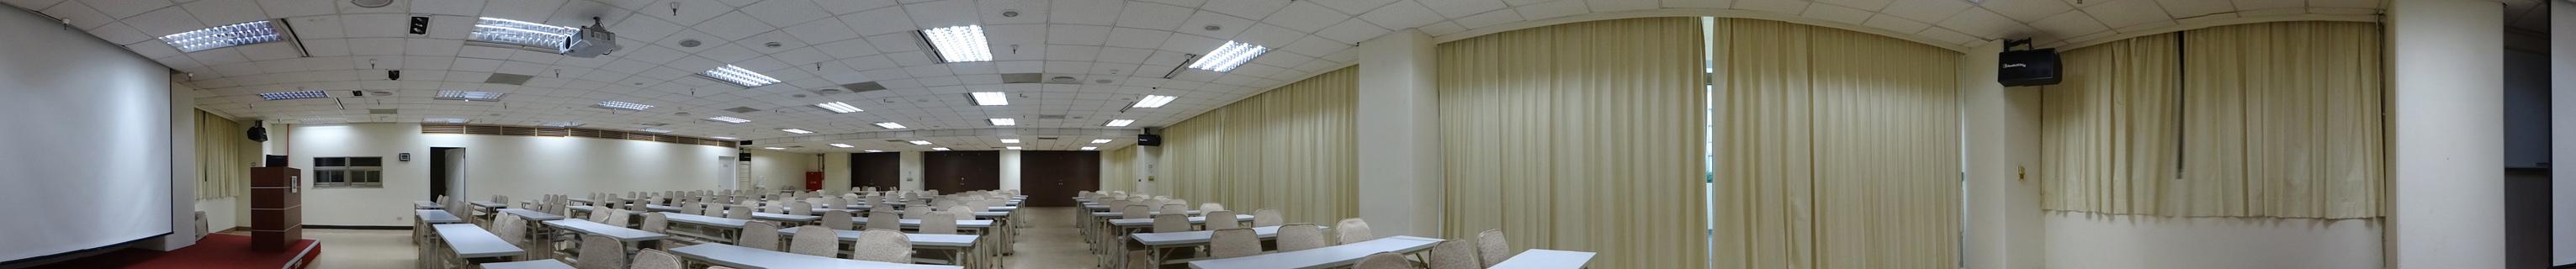 實景環場 > 訓練教室 > 綜合會議廳